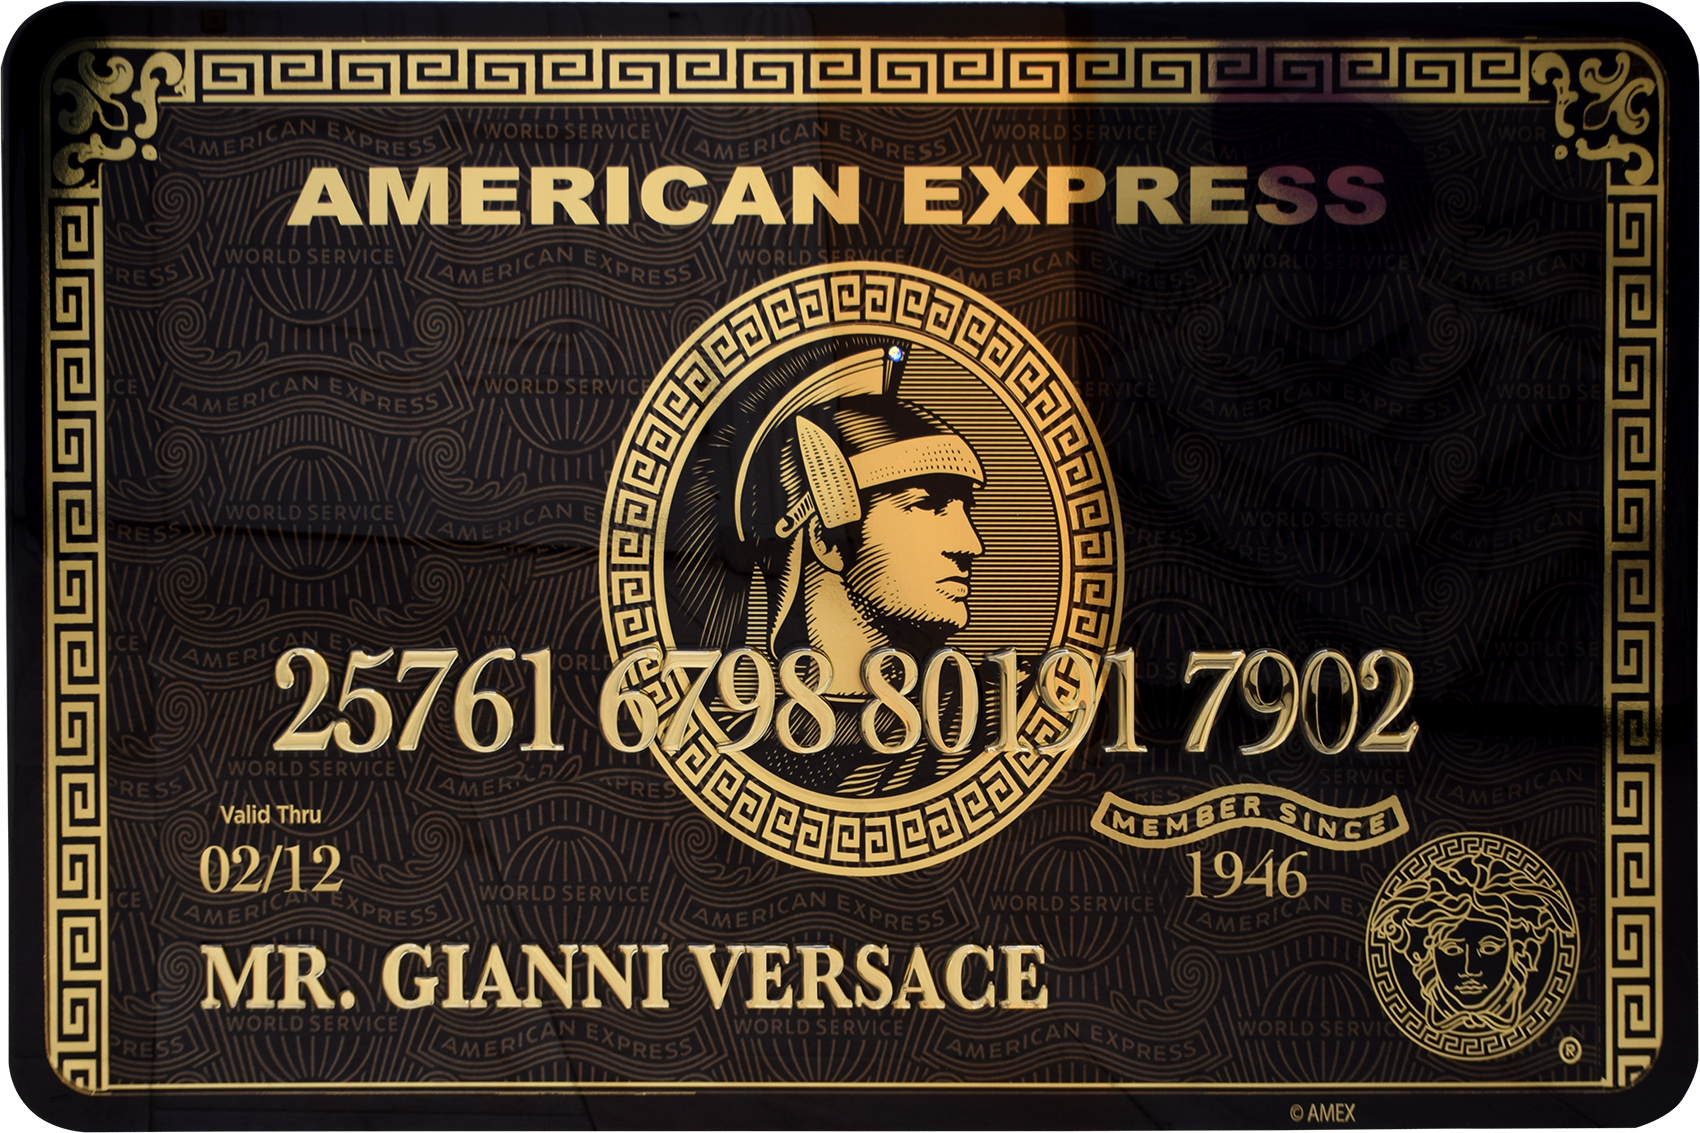 Diederik - AMEX (Mr. Gianni Versace) , 4504-016-269